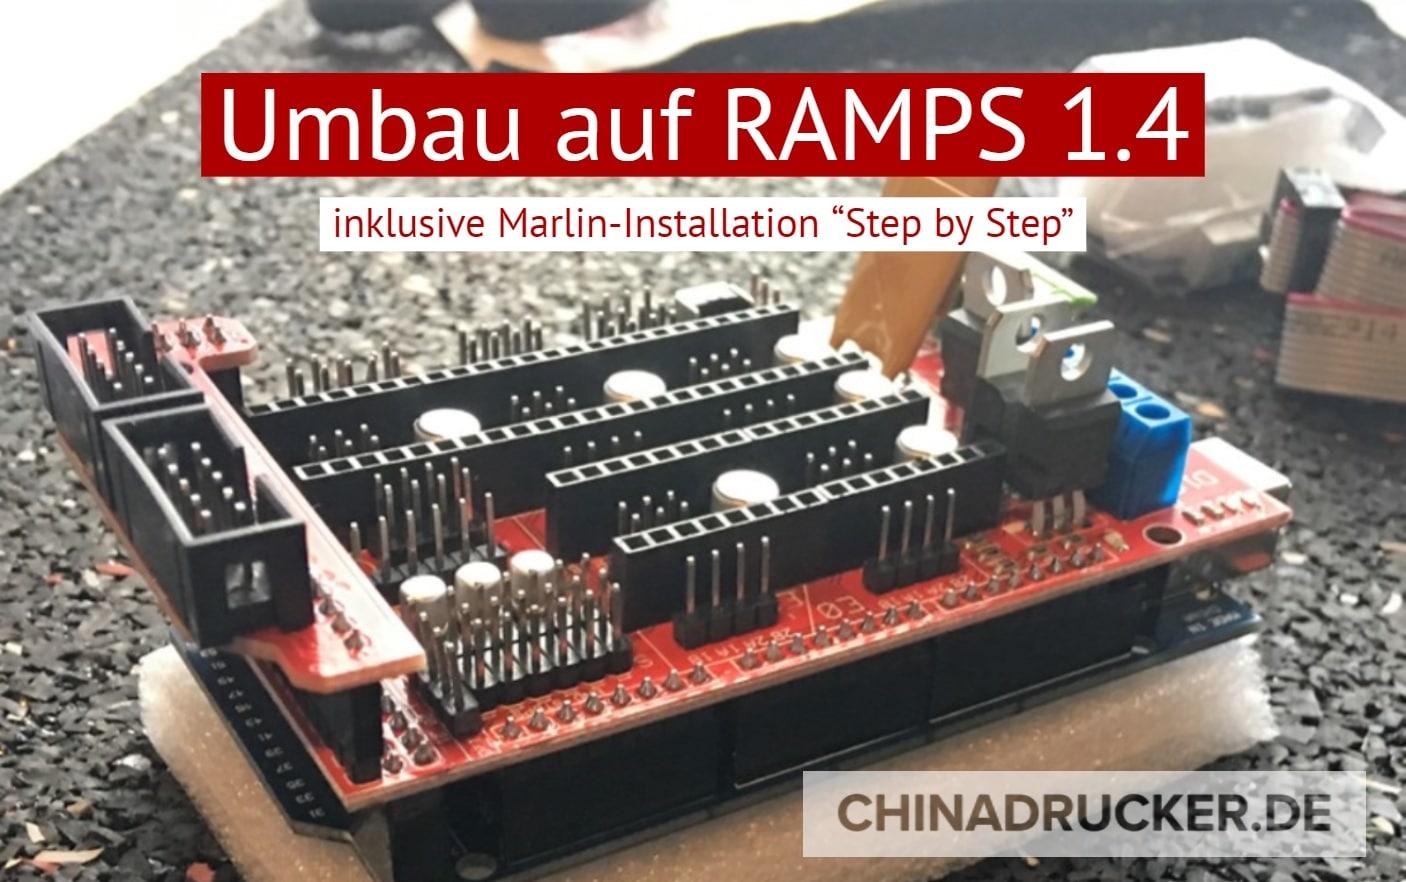 Turorial - 3D-Drucker auf RAMPS 1 4 umbauen oder neu aufbauen